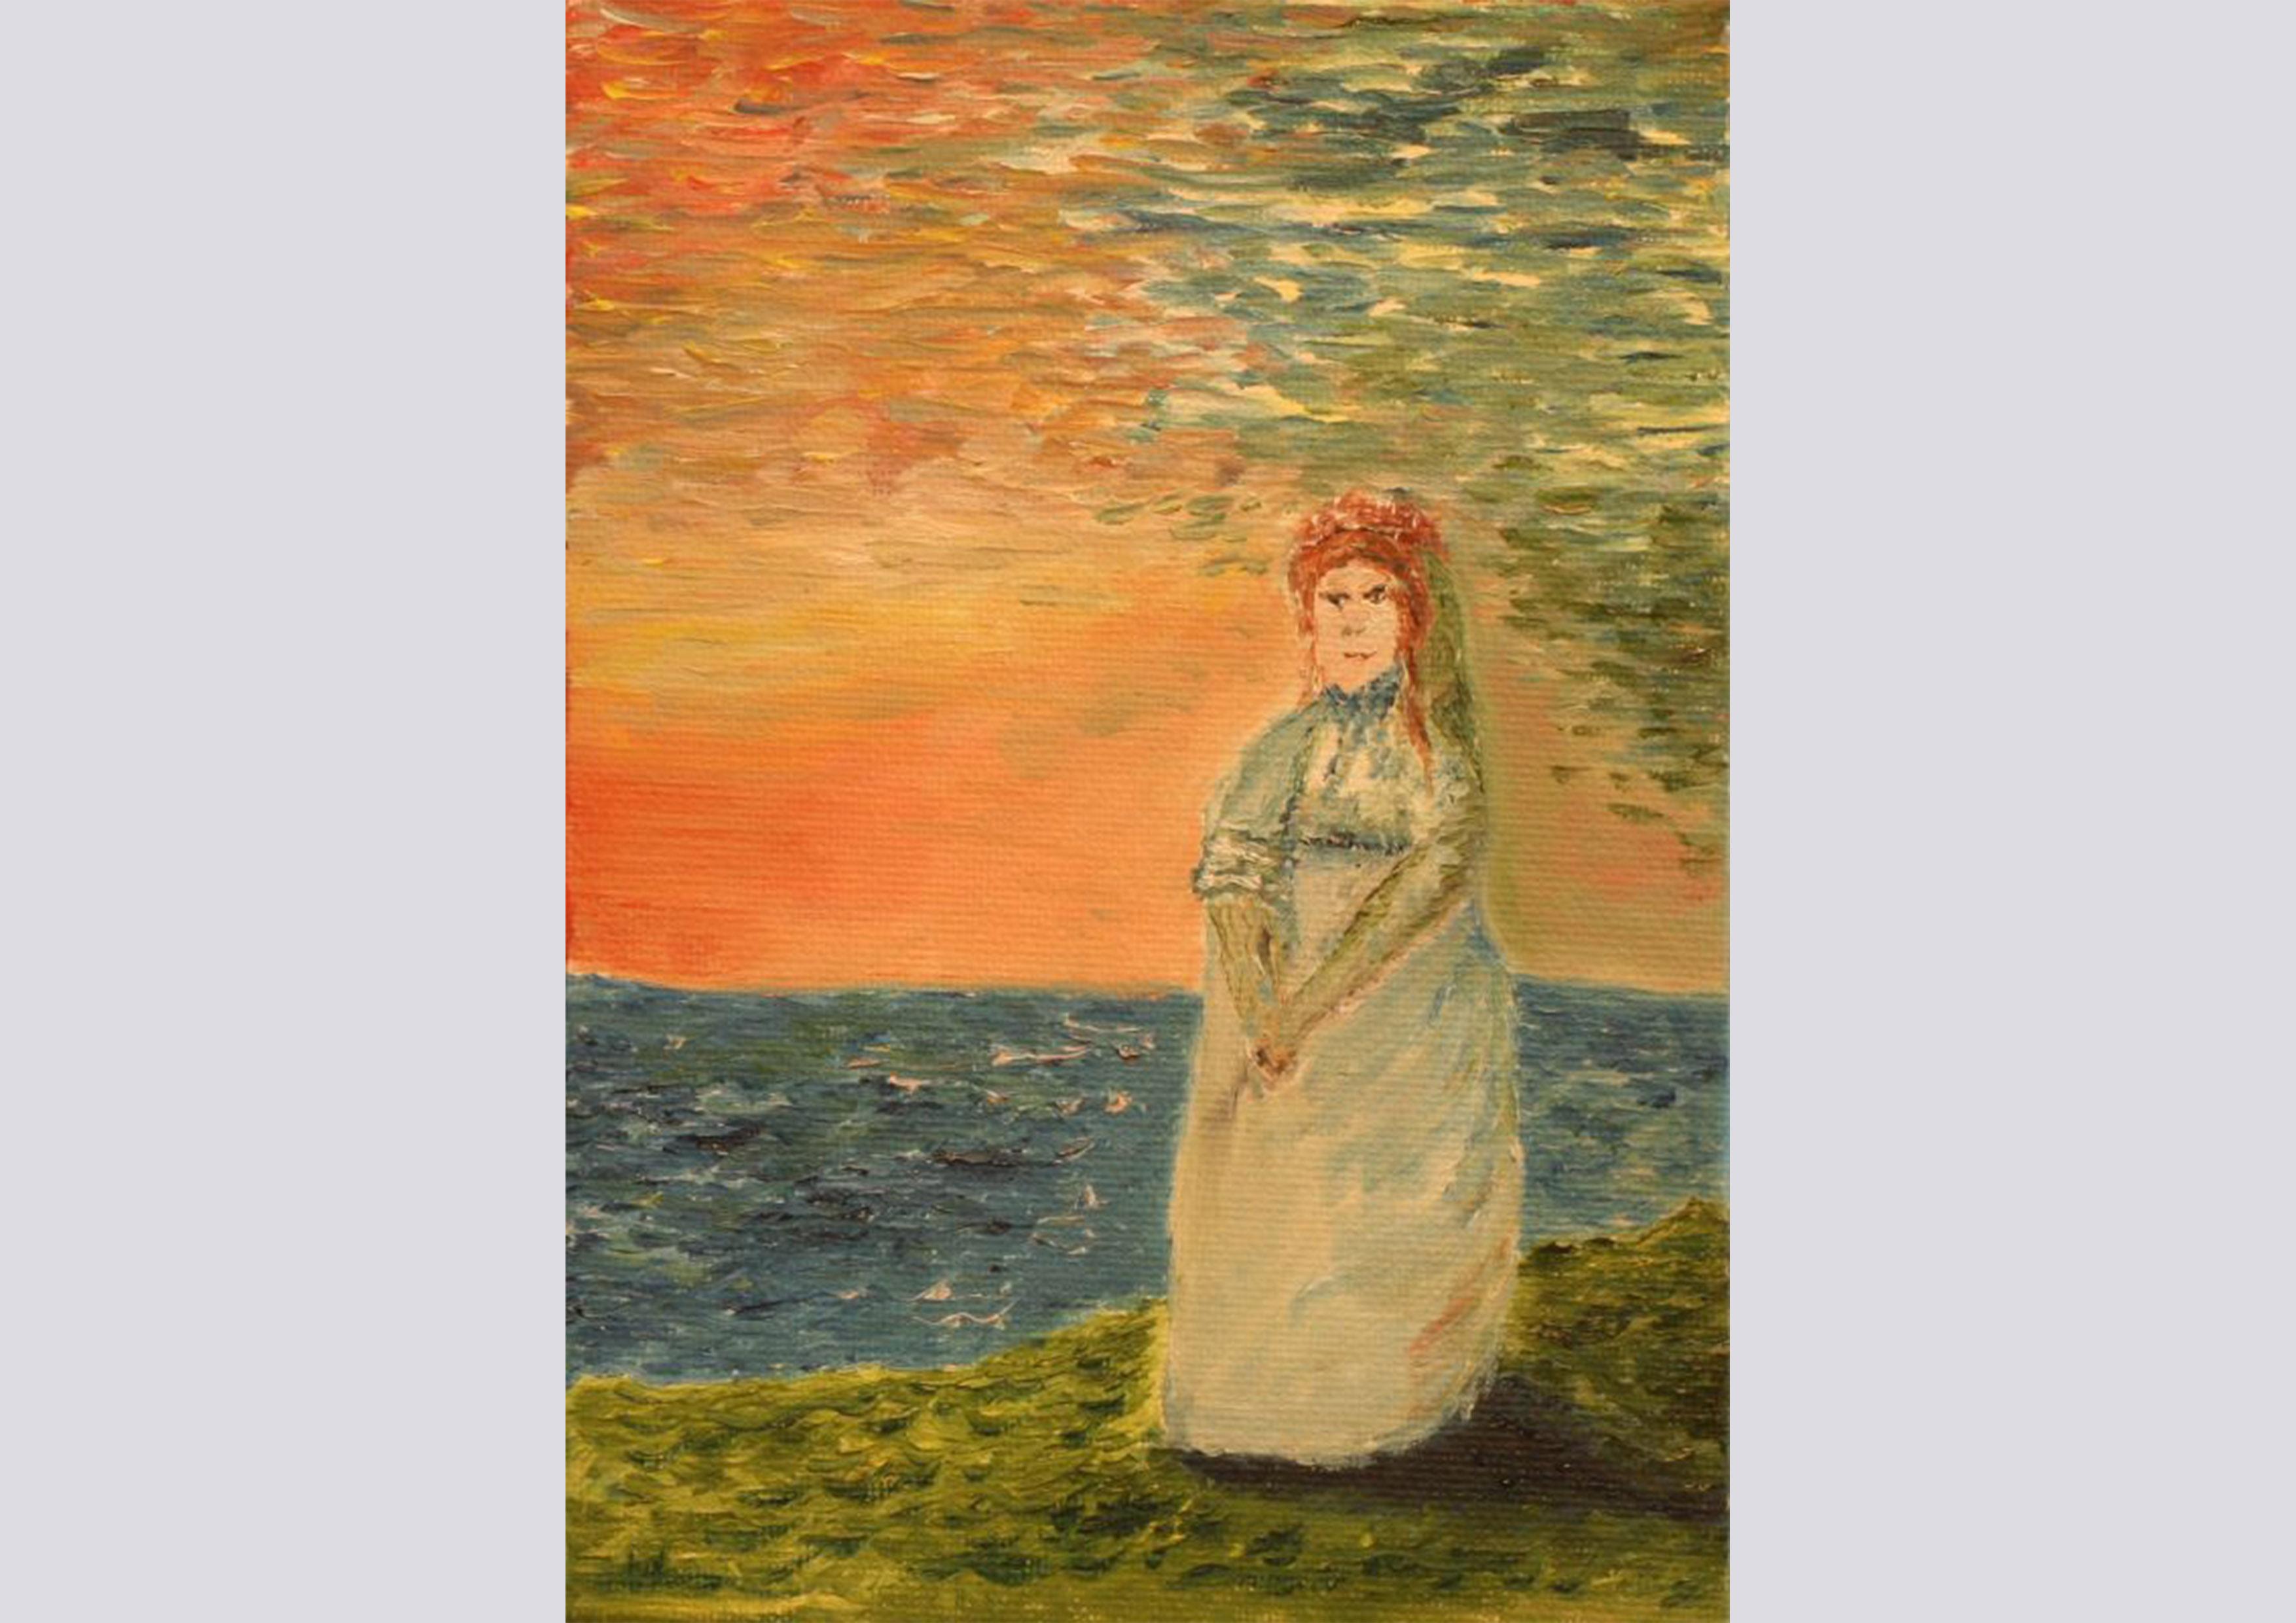 Die einsame Braut (2012, 10 x 15 cm)